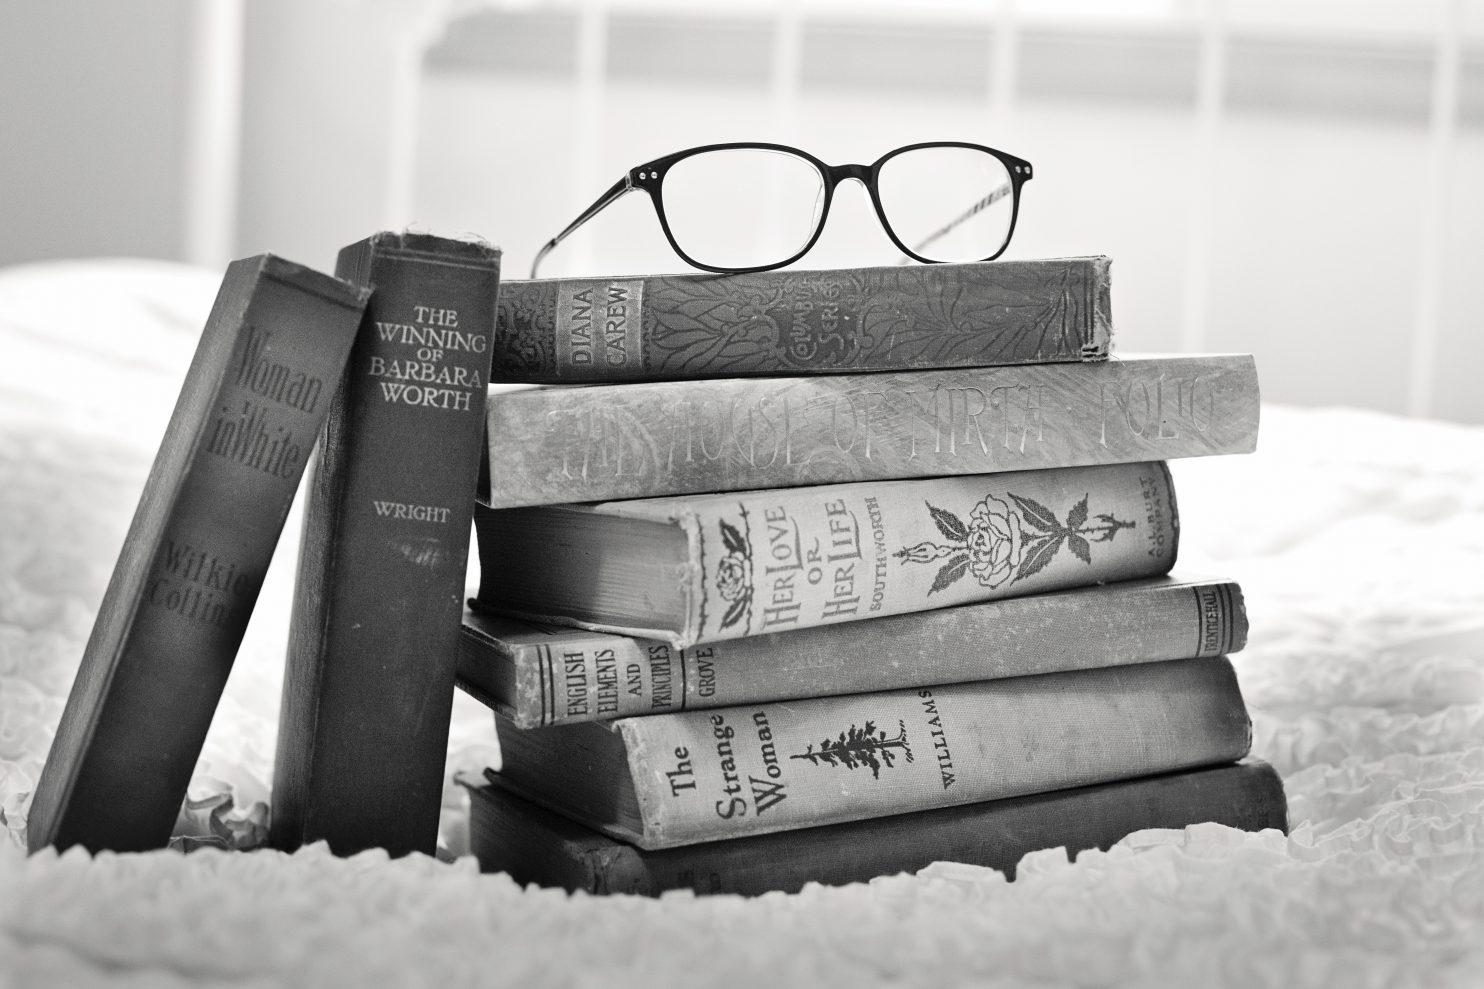 Speed Reading hilft gegen Stress mindestens so gut wie Teetrinken.